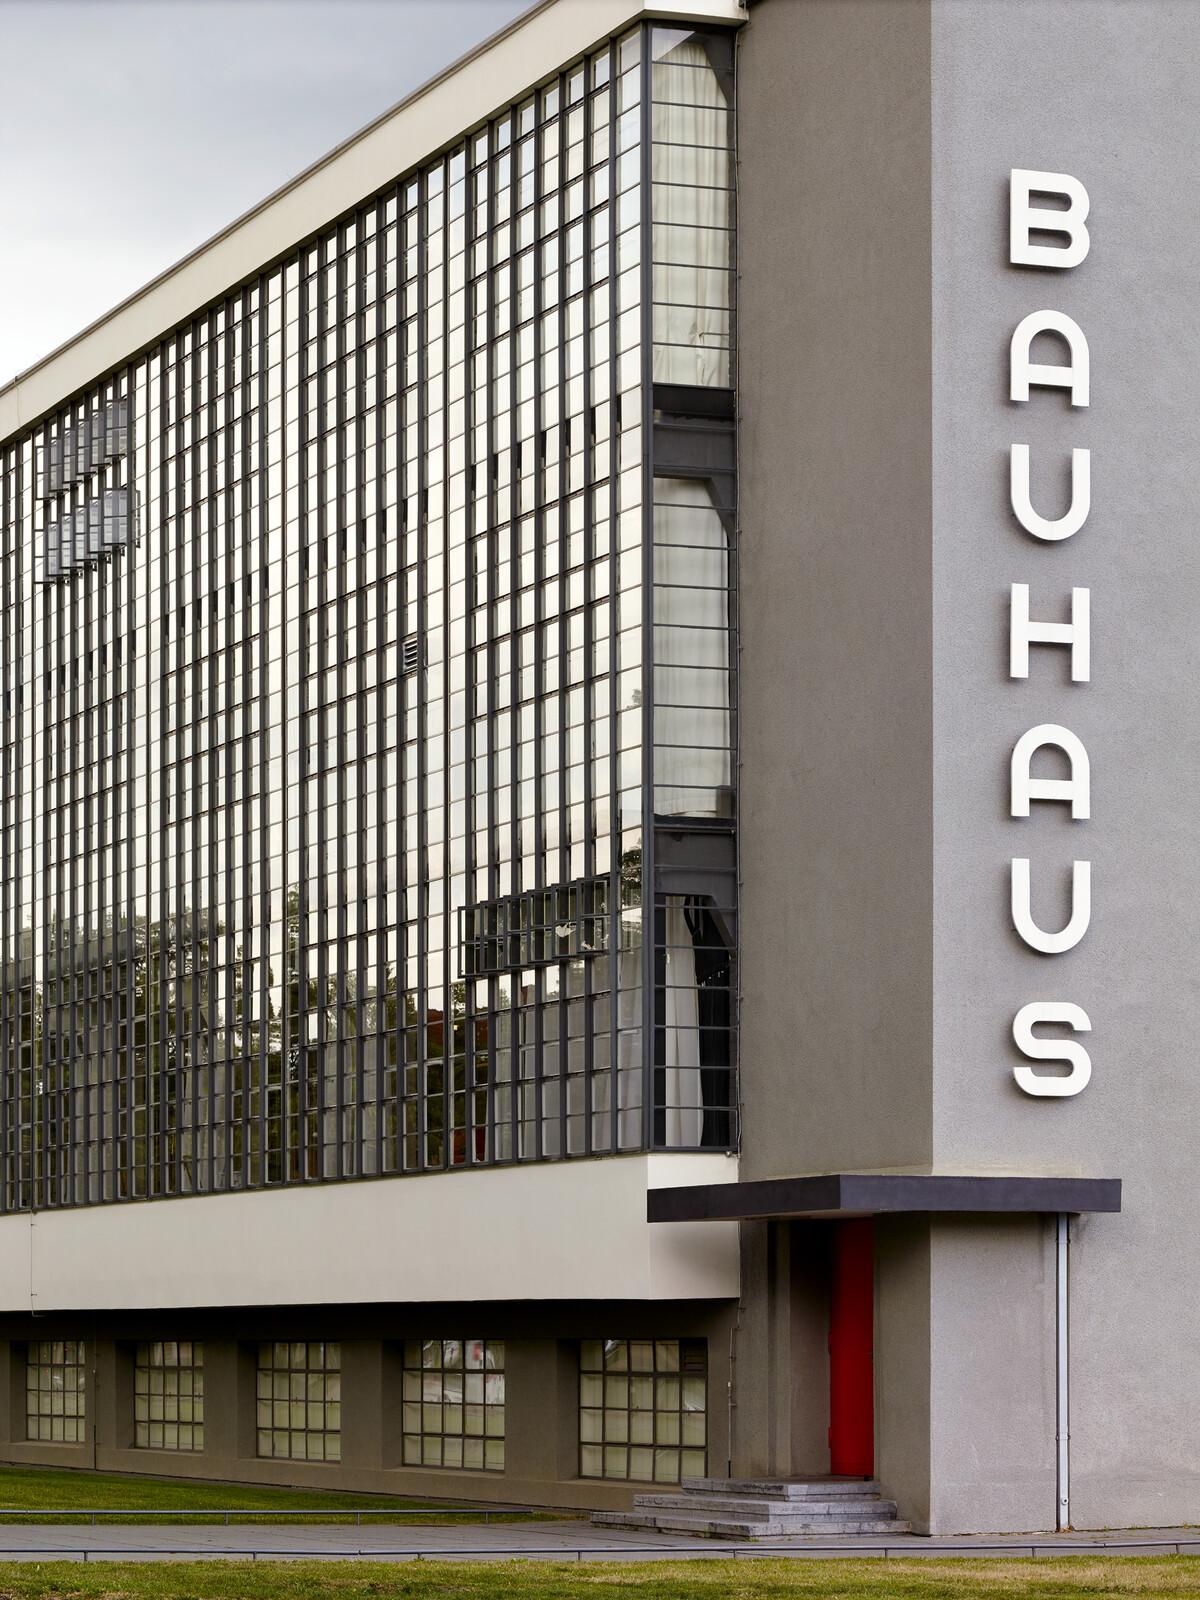 Bauhaus - Horst & Daniel  Zielske